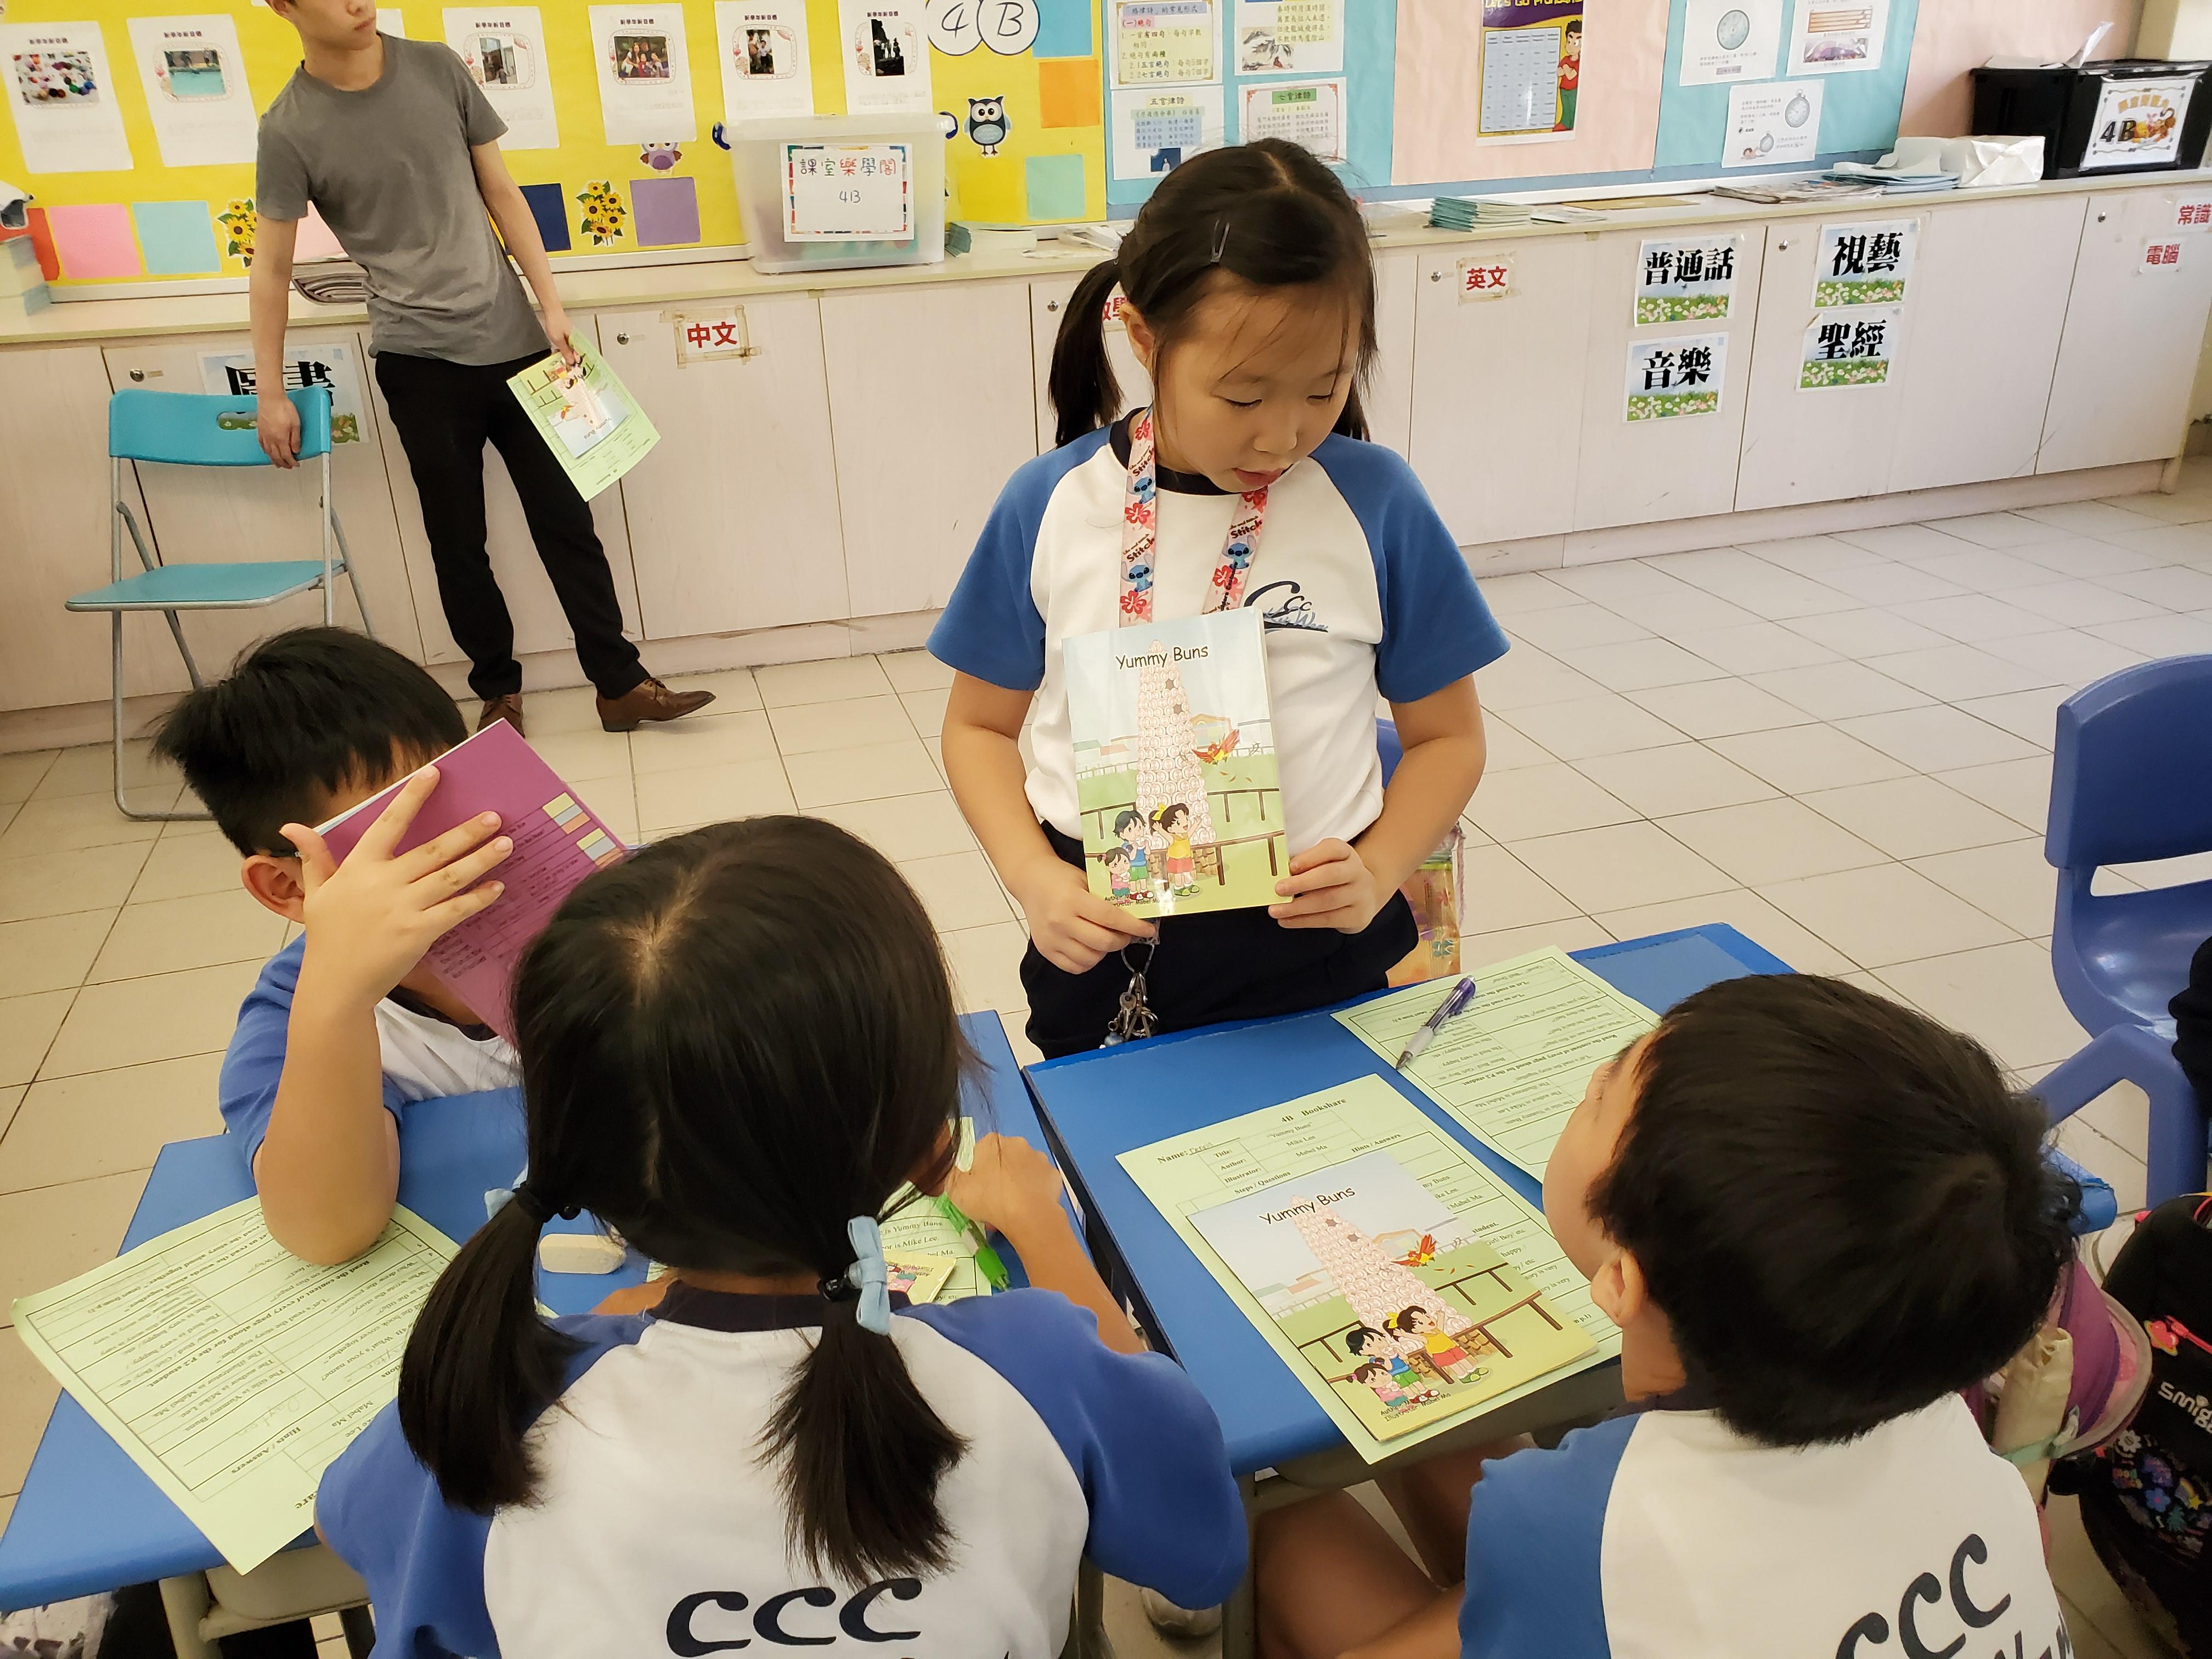 http://www.keiwan.edu.hk/sites/default/files/40_1.jpg